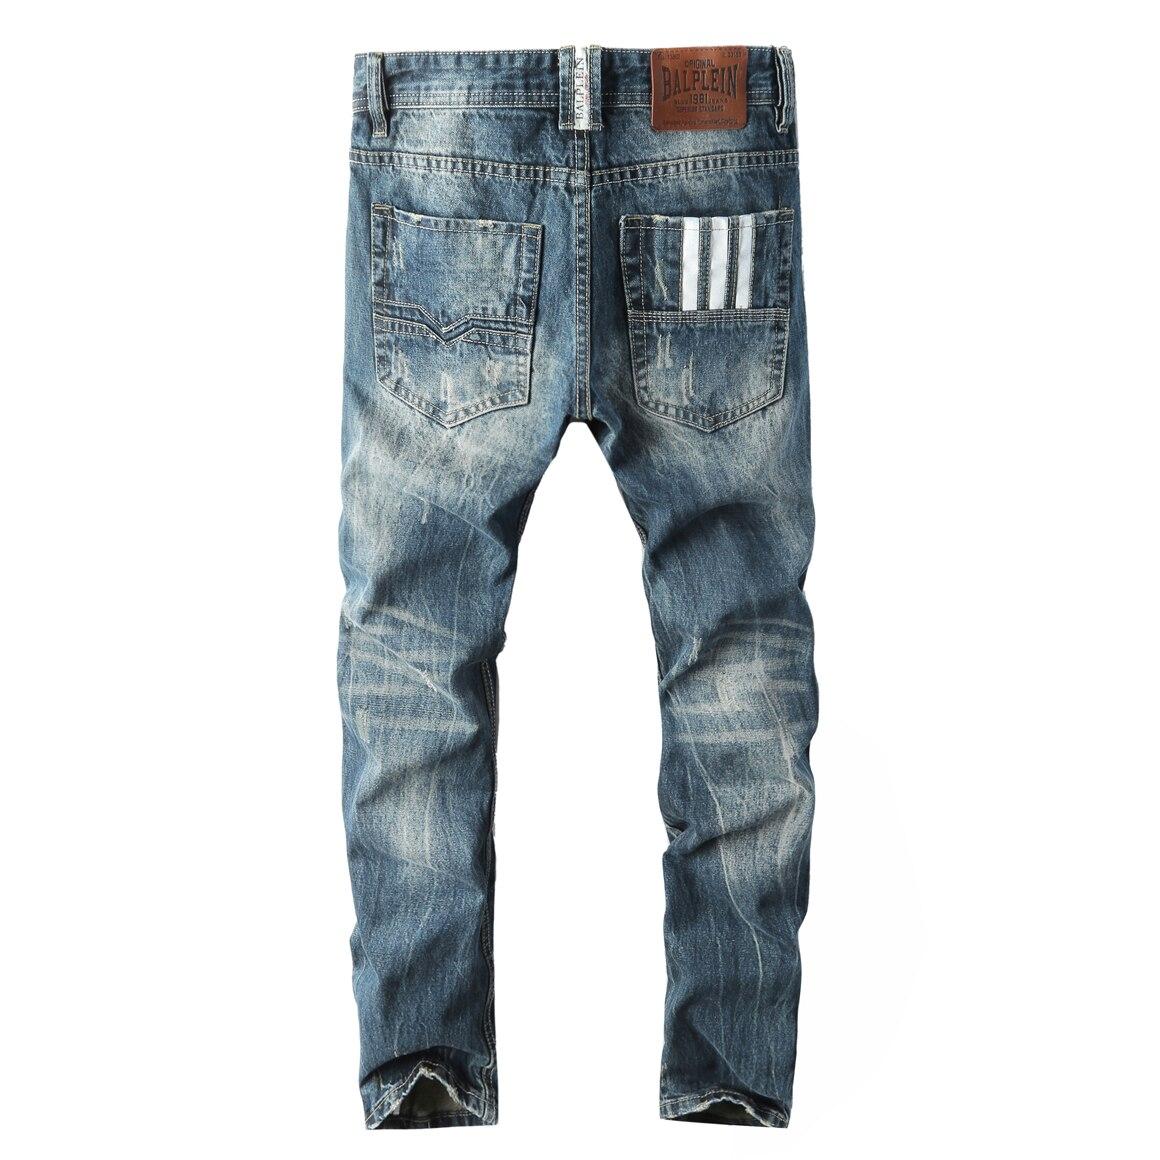 Jeans Men Classic  Mens Button Jeans Blue Jeans Fashion Little Feet Jeans  Ripped Hole Jeans For Men Biker Jean Long Pants 28-42